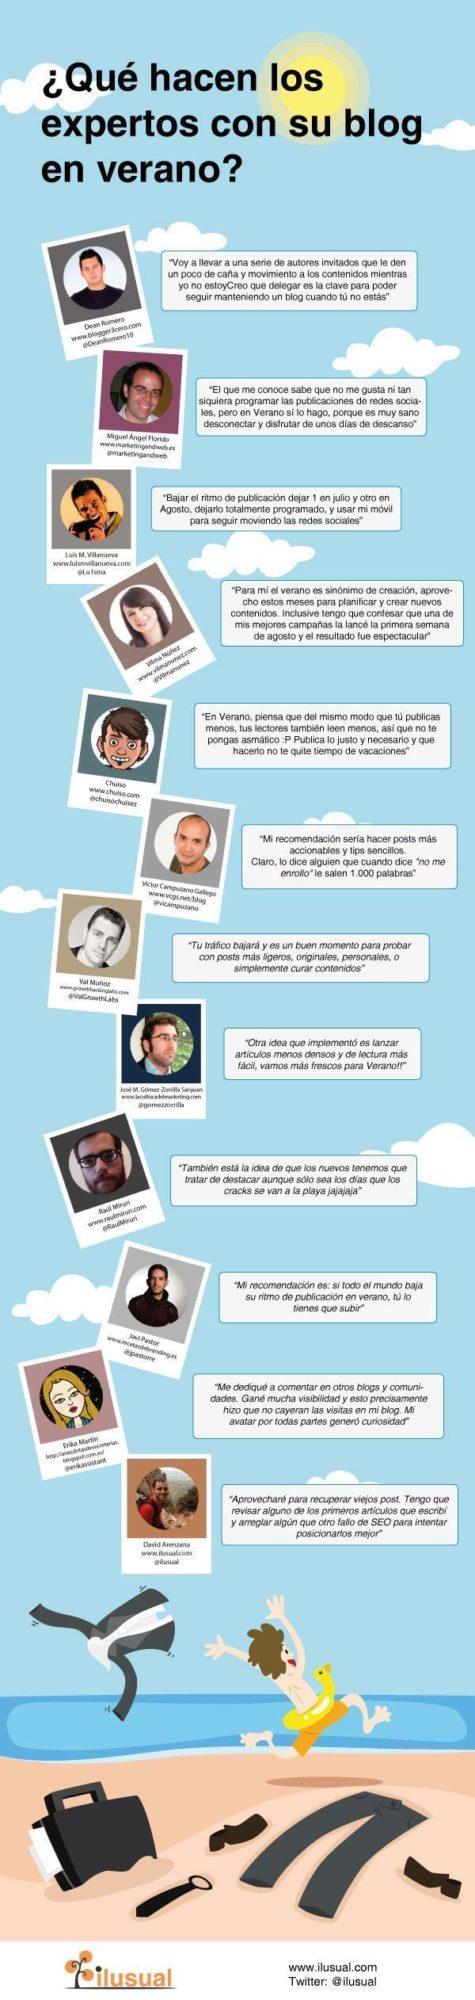 infografia-que-hacer-en-verano-con-tu-blog-web